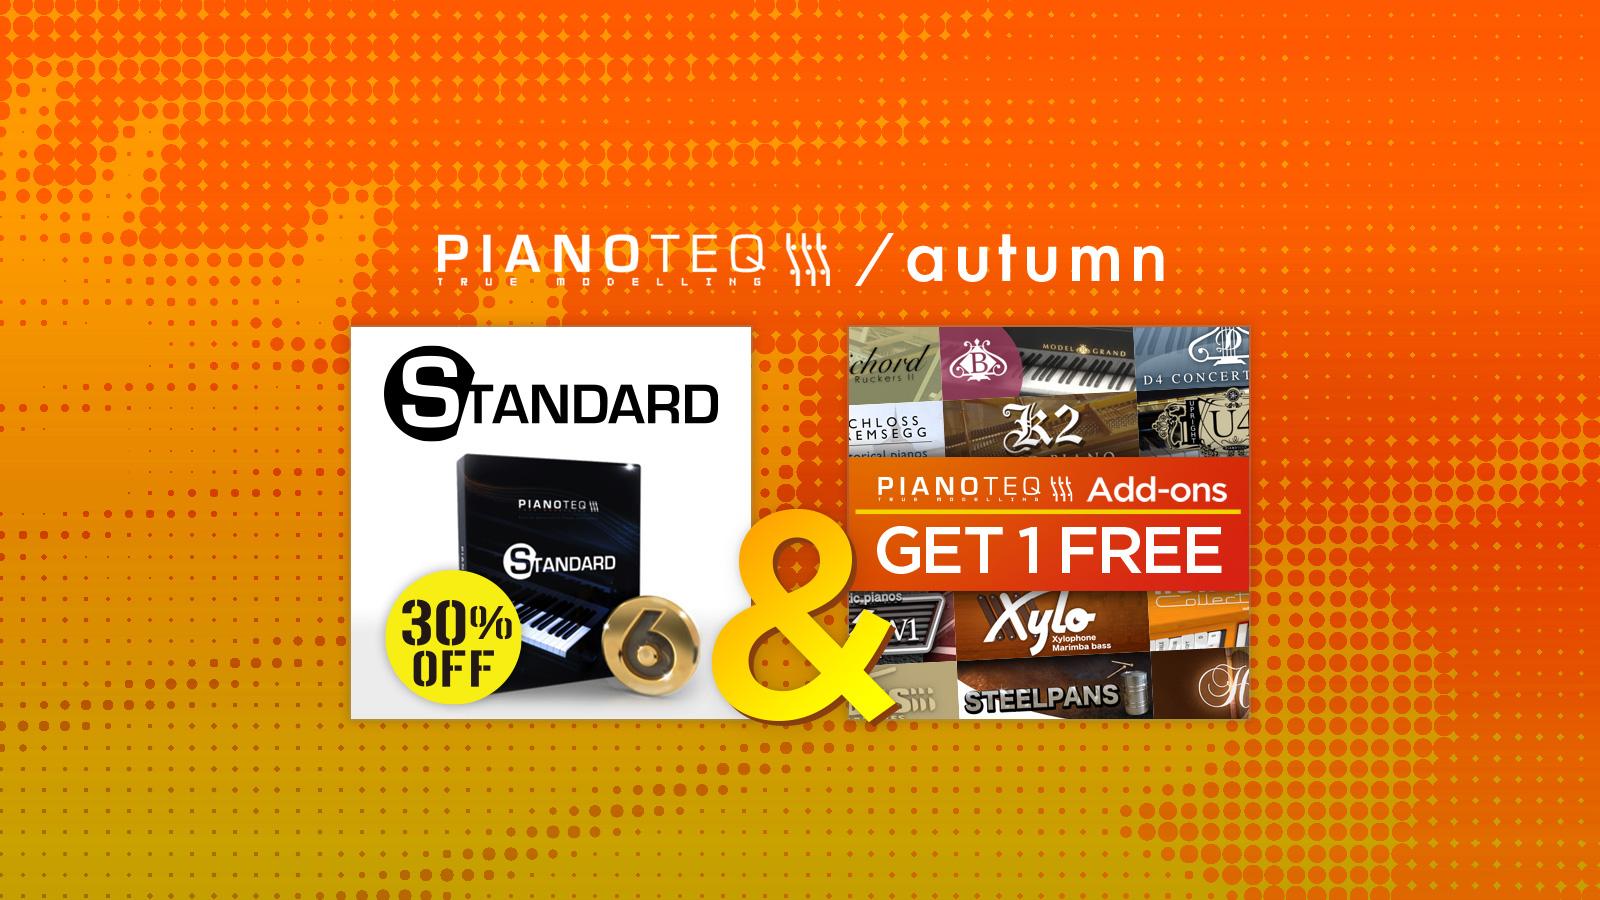 日本限定!MODARTT Pianoteq 6 Standerdが30%オフ & add-on GET 1 FREE!